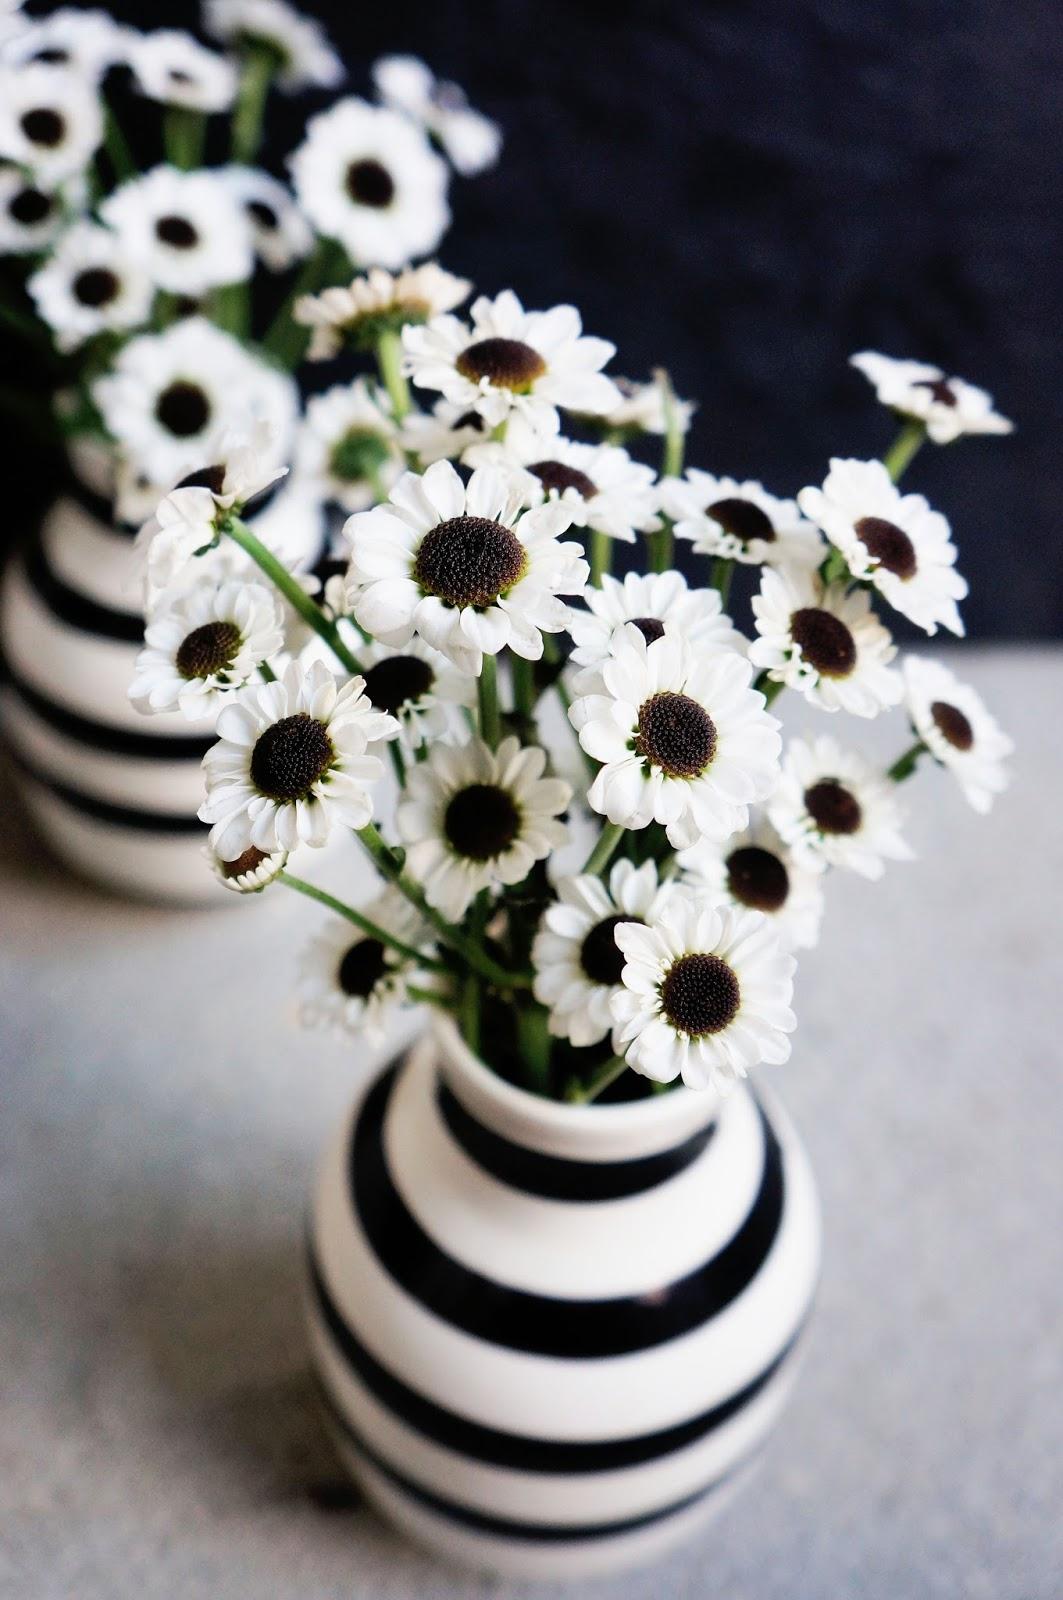 basteln malen Kuchen backen Blumen schwarzweiss